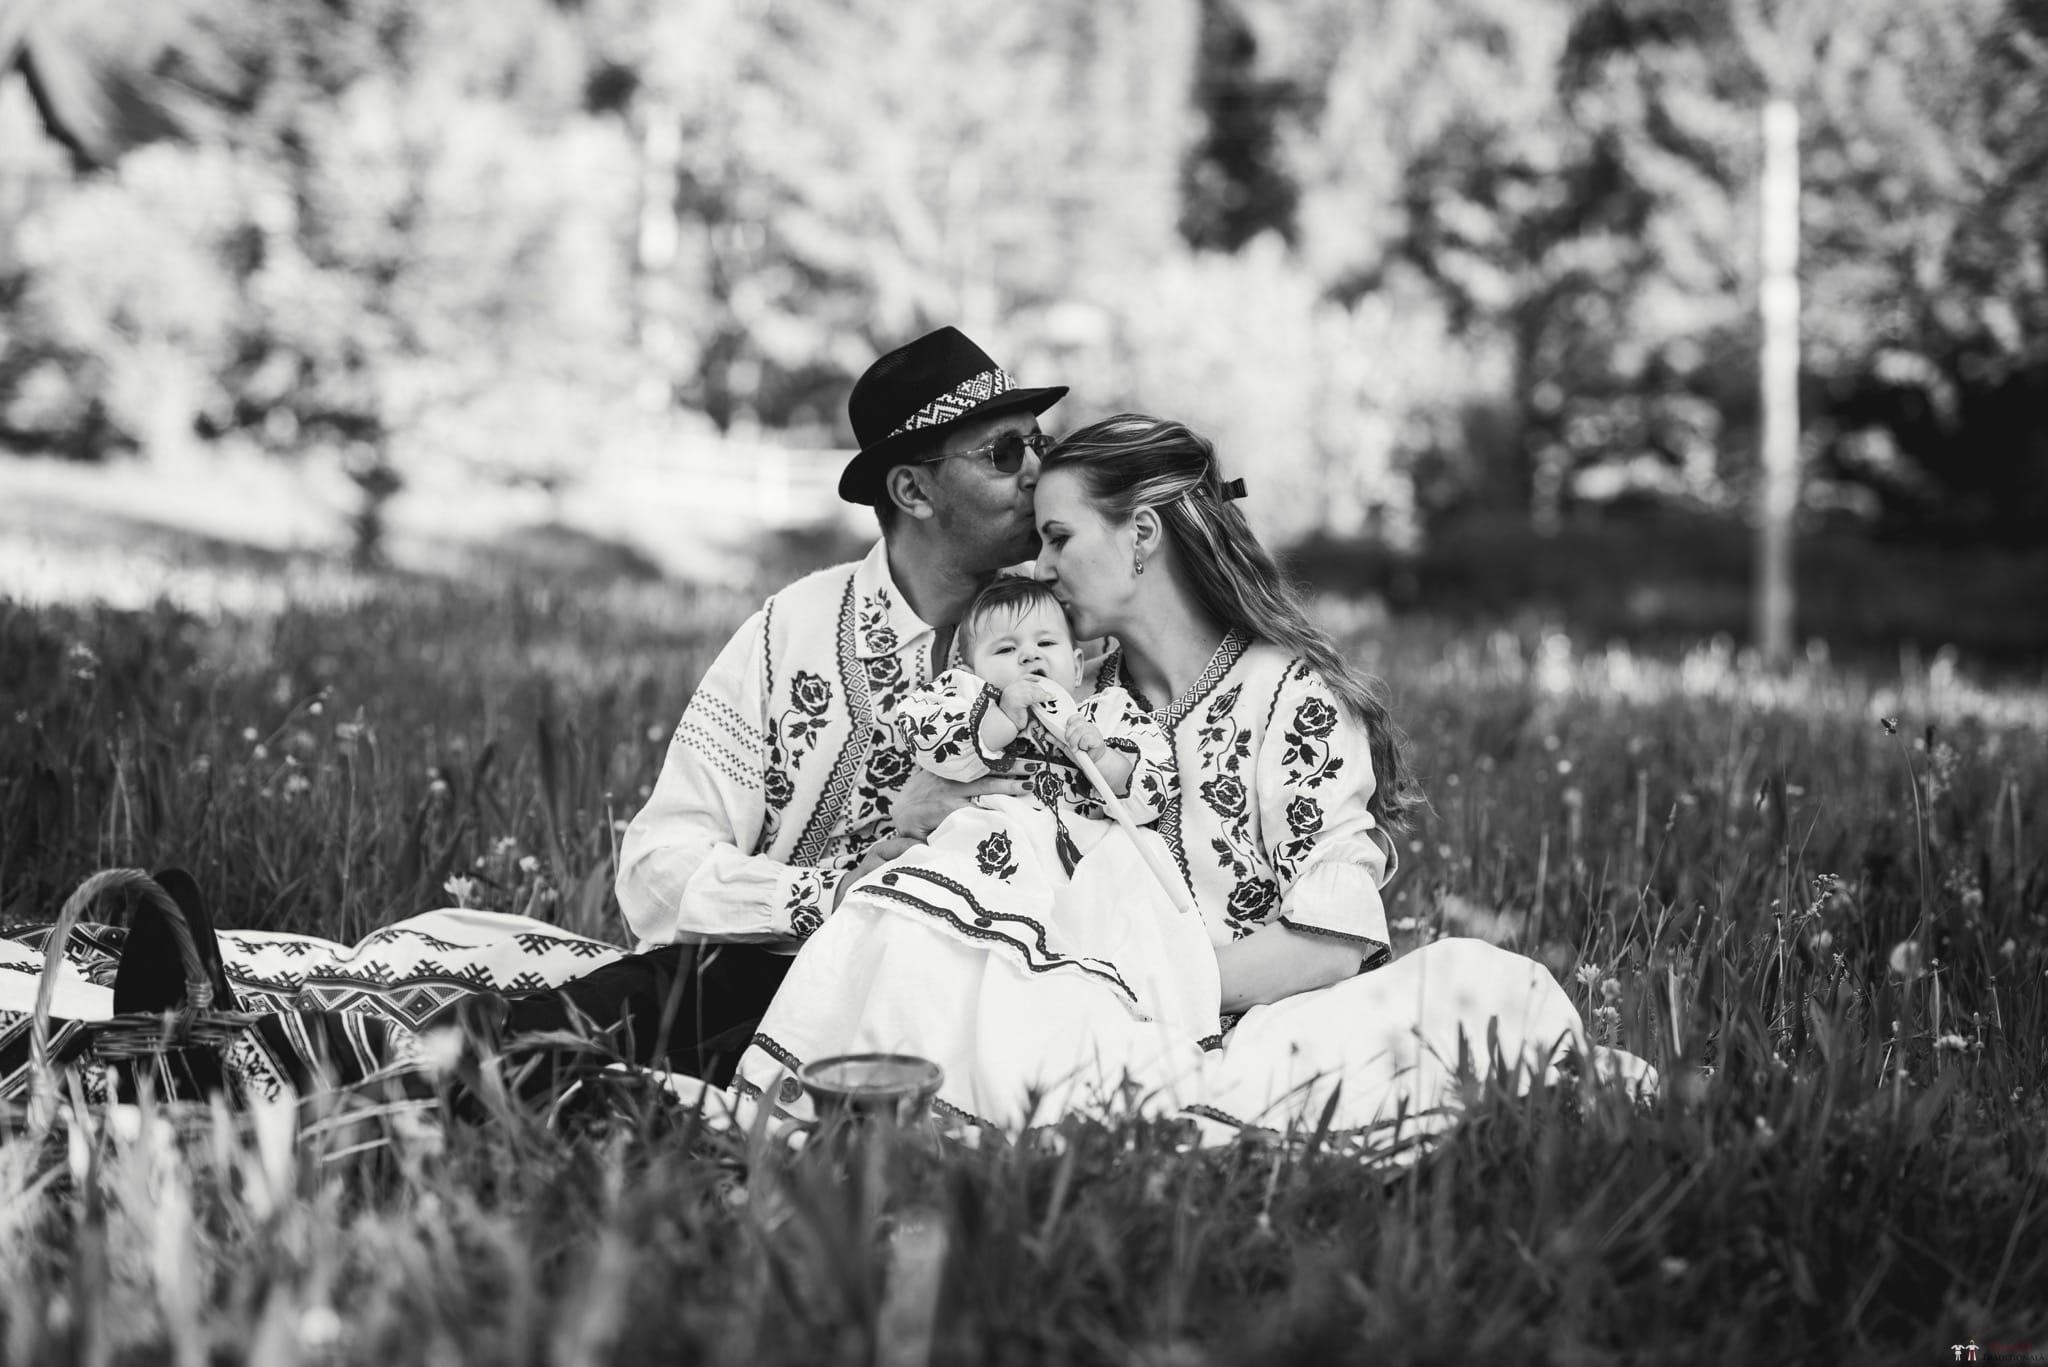 Povești Nunți Tradiționale - Anamaria și Ionuț-Mihai, nuntă în Târgu Ocna 8